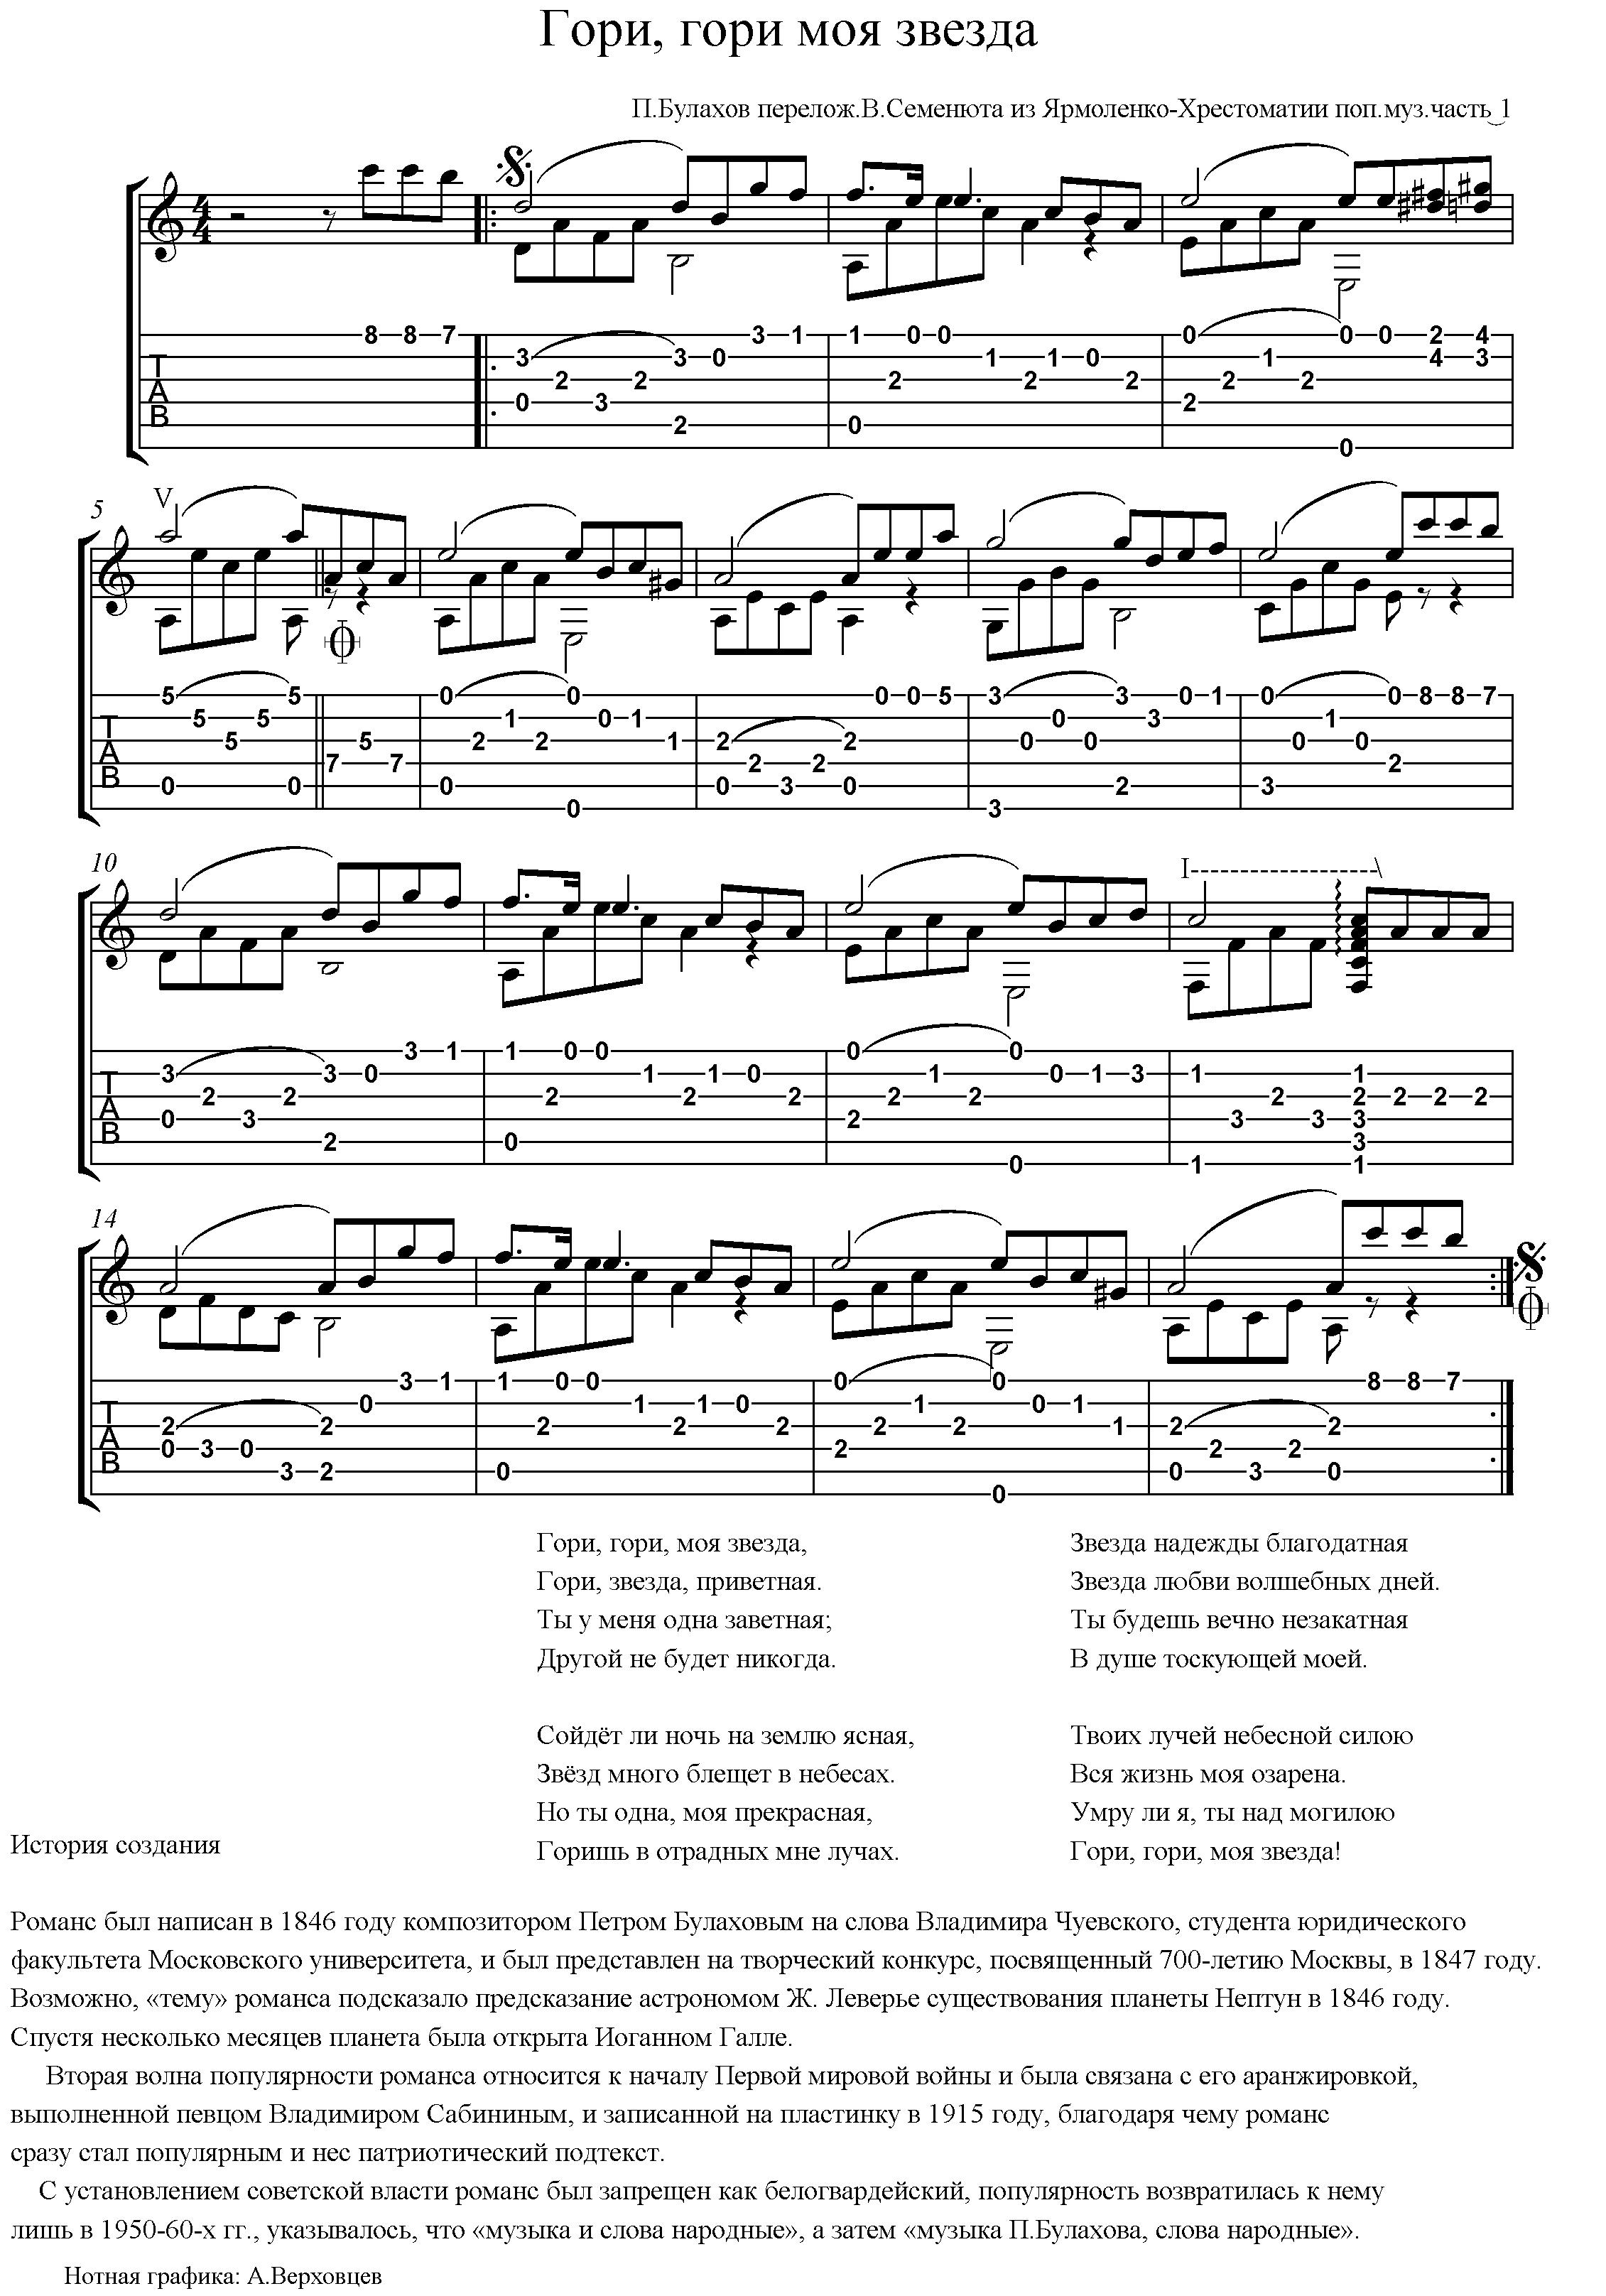 аккорды к песне гори гори моя